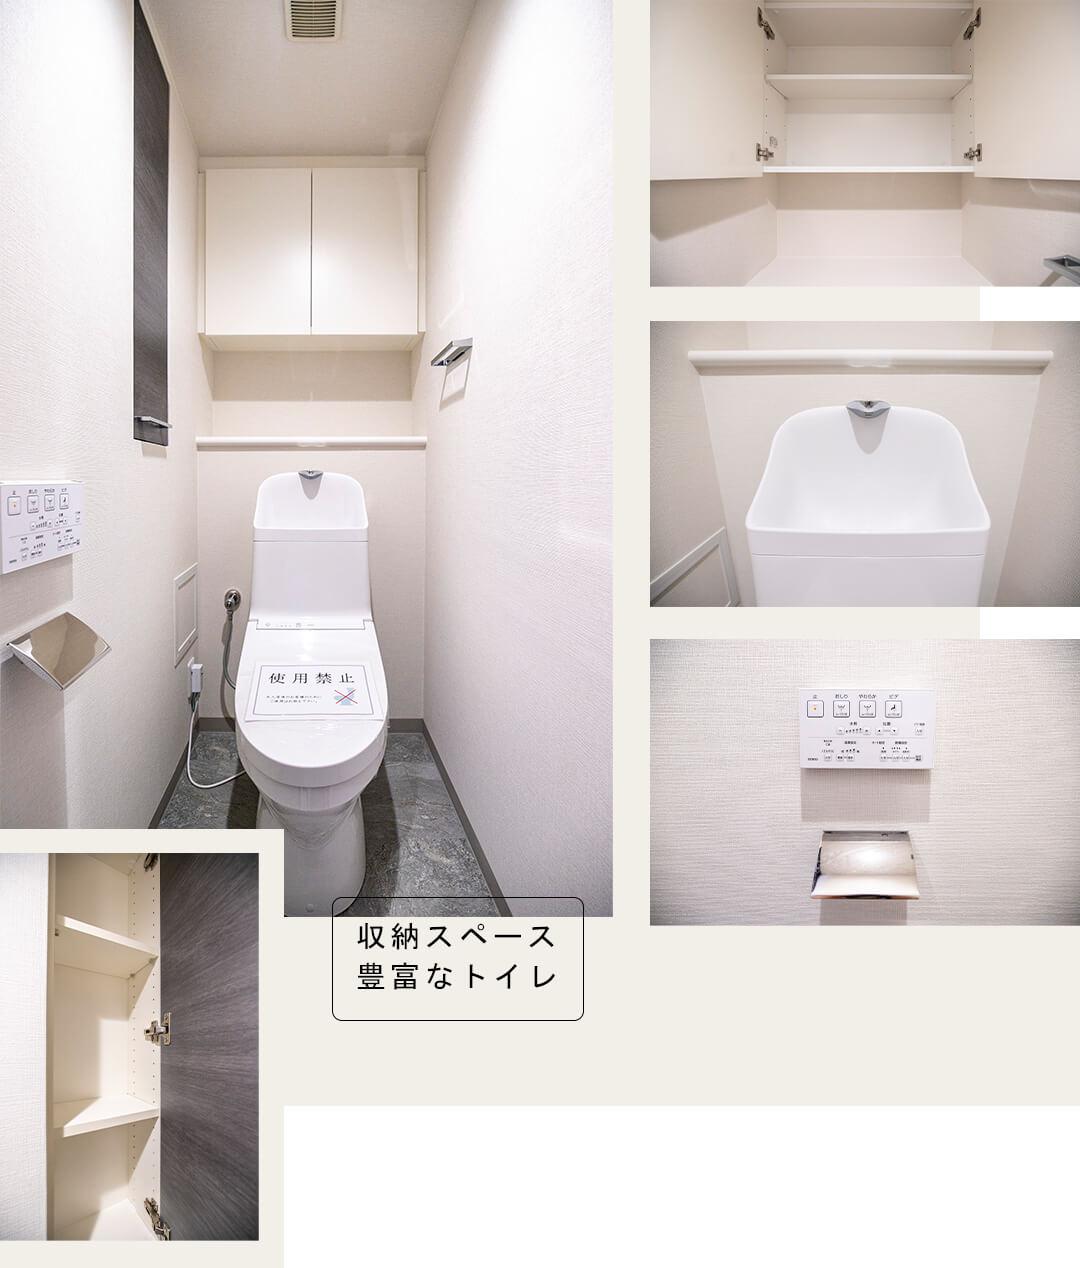 イクシア文京千駄木のトイレ